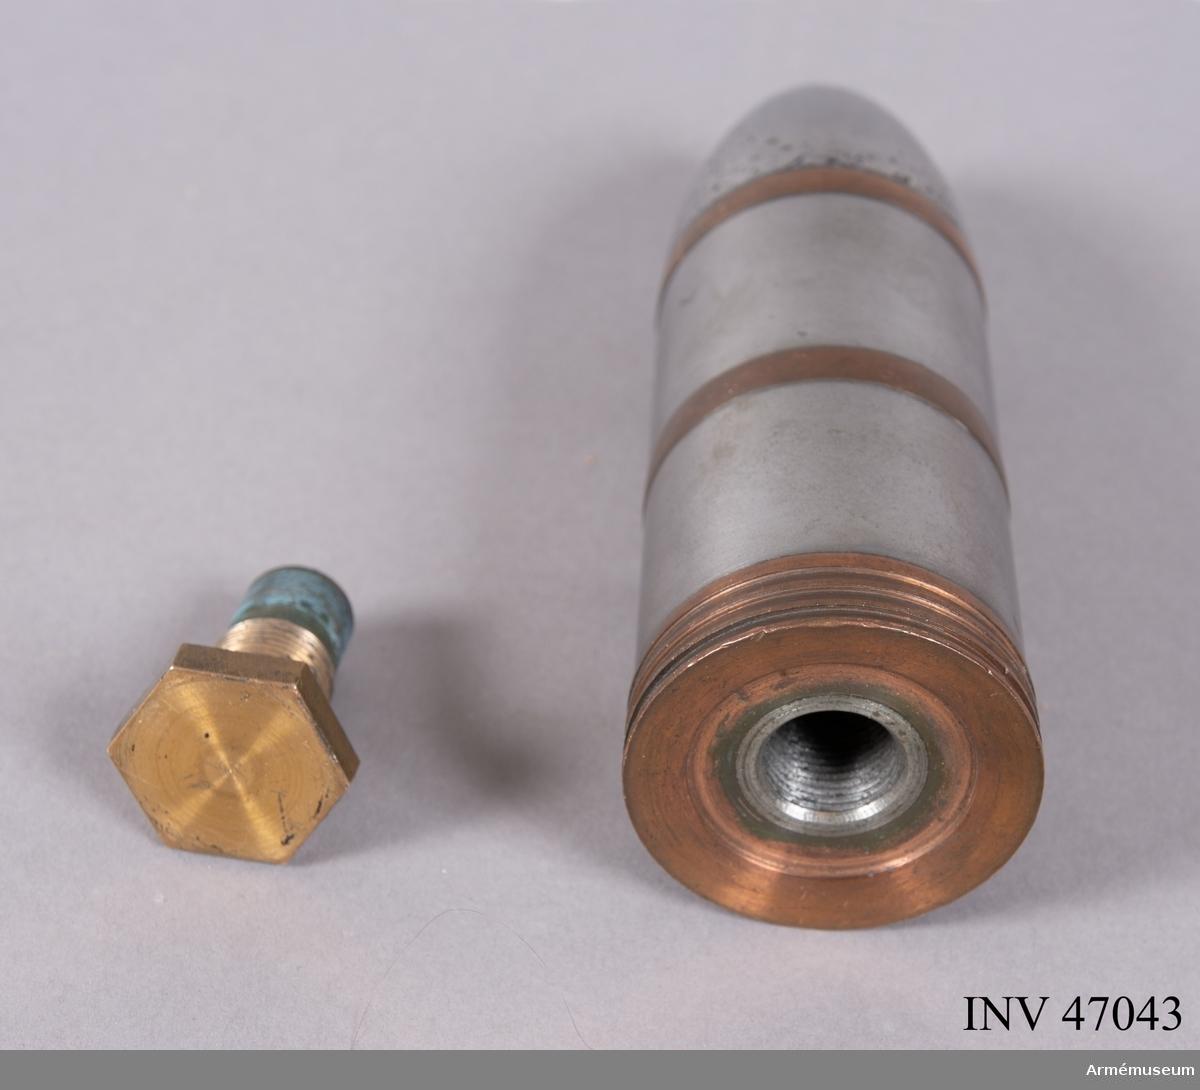 Grupp E V. Gjutjärnsgranat till 47 mm 1-pipig maskinkanon. Kanon av Nordenfelts patent. Gåva från kapten Å Nordenfelt vid Wendes Artilleriregemente.